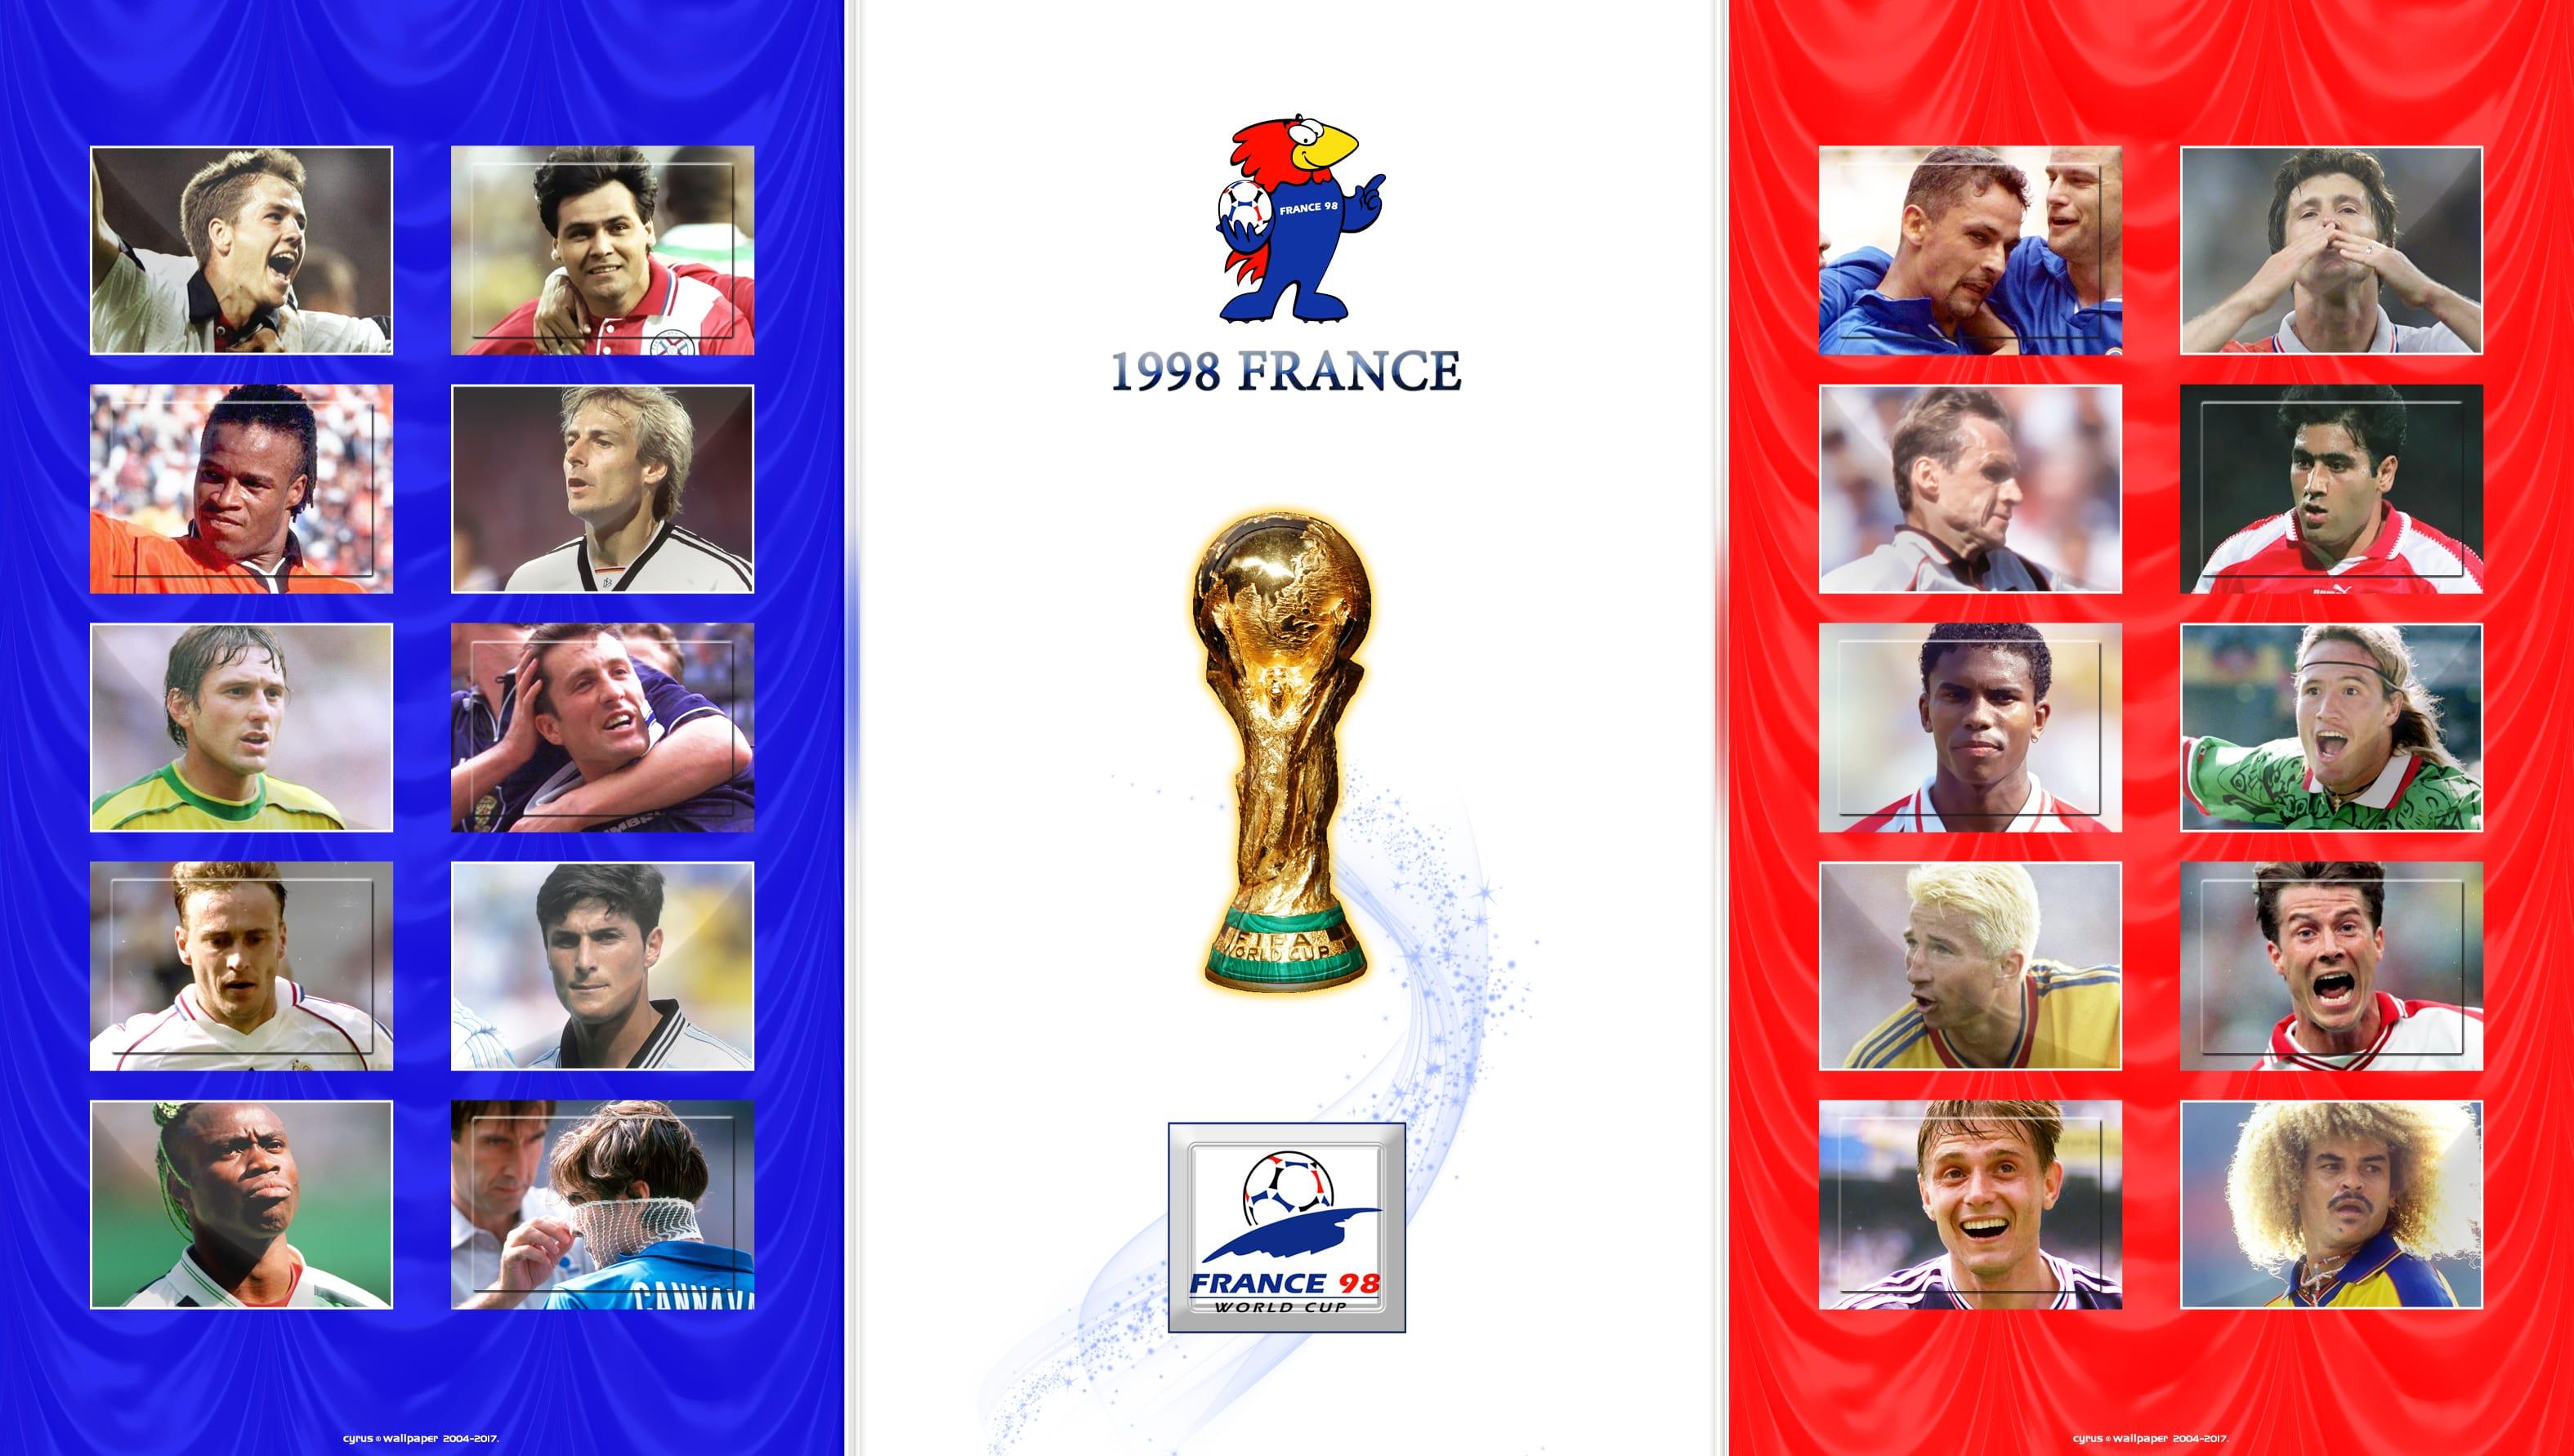 والپیپر جام جهانی 1998 فرانسه